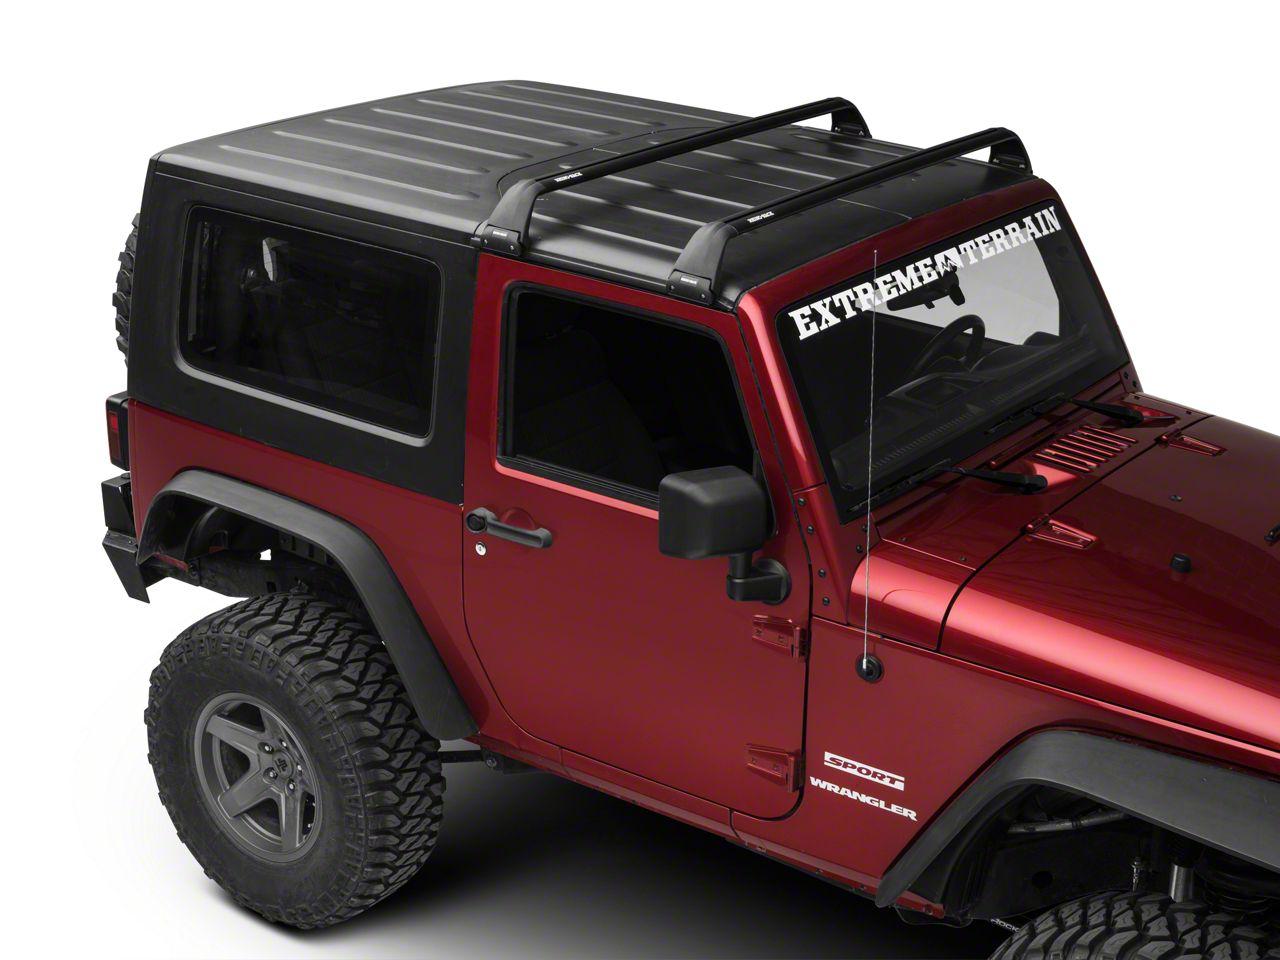 Rhino-Rack Vortex SG 2 Bar Roof Rack - Black (11-18 Jeep Wrangler JK 2 Door)